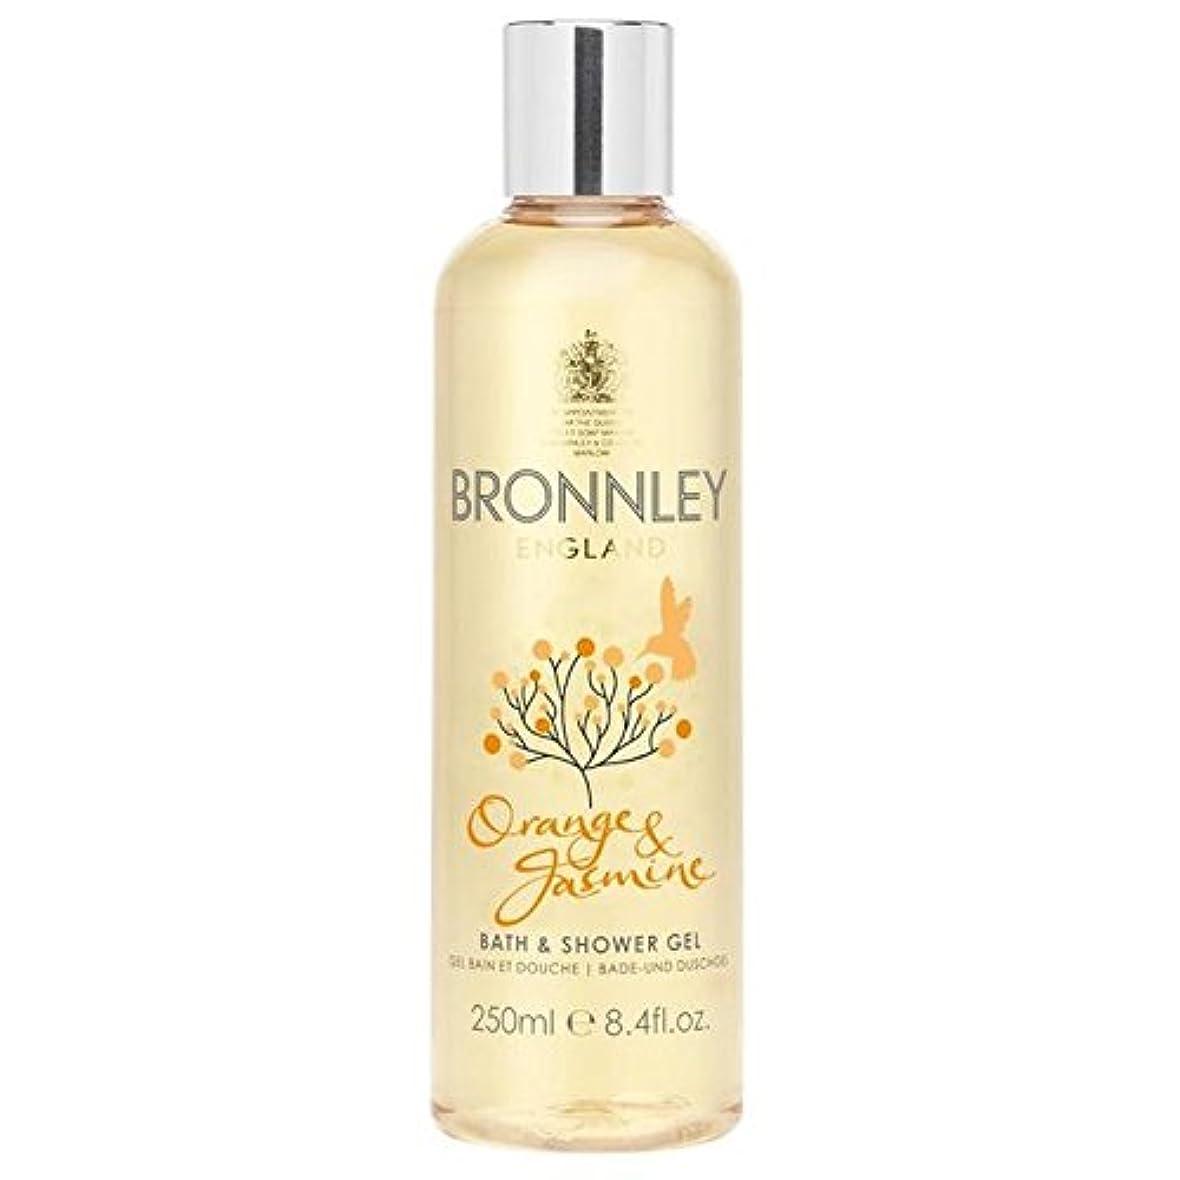 と組む災害サルベージオレンジ&ジャスミンバス&シャワージェル250ミリリットル x4 - Bronnley Orange & Jasmine Bath & Shower Gel 250ml (Pack of 4) [並行輸入品]